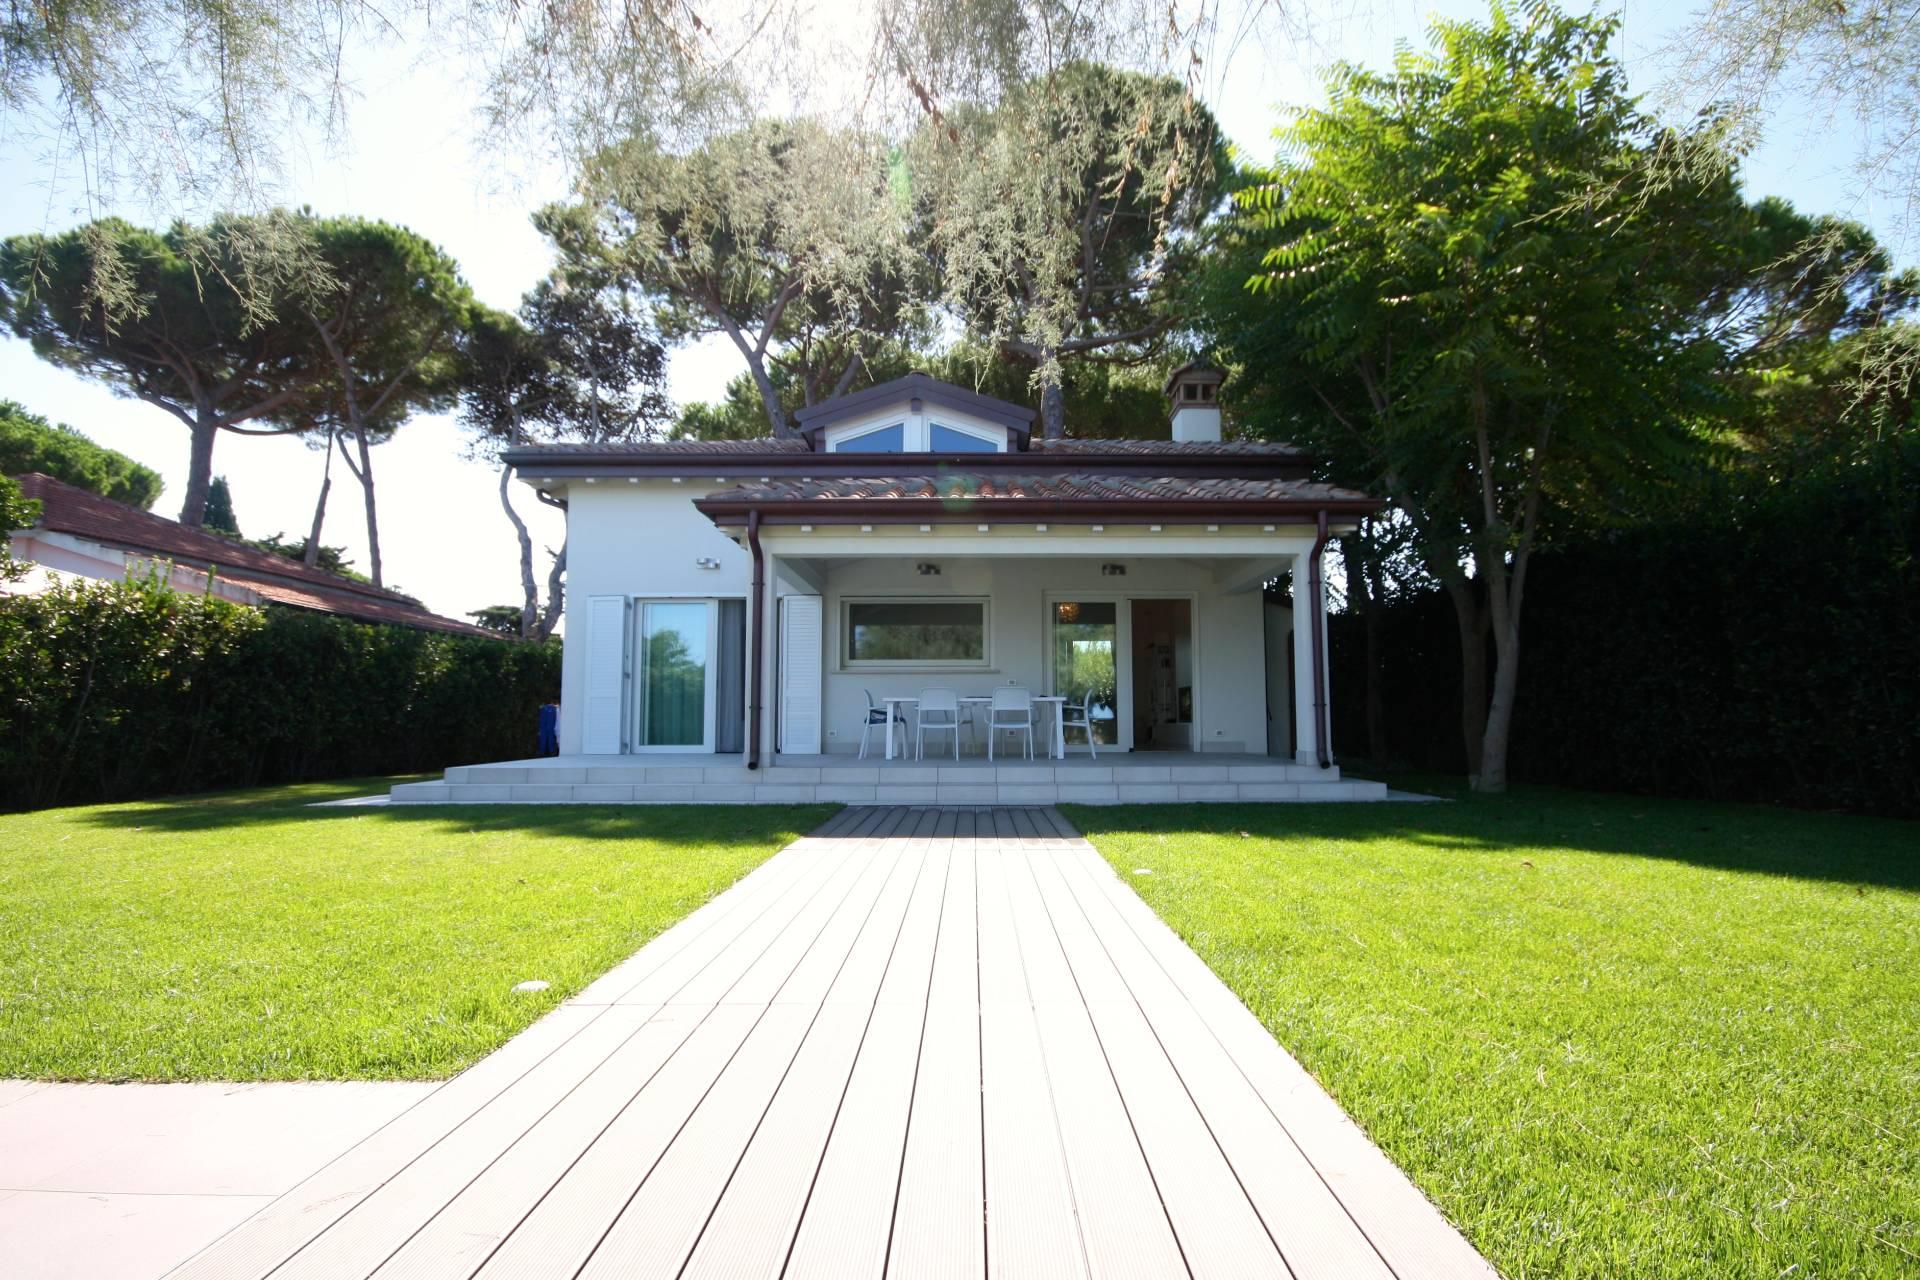 Villa in vendita a Orbetello, 4 locali, zona Zona: Giannella, prezzo € 1.200.000 | Cambio Casa.it